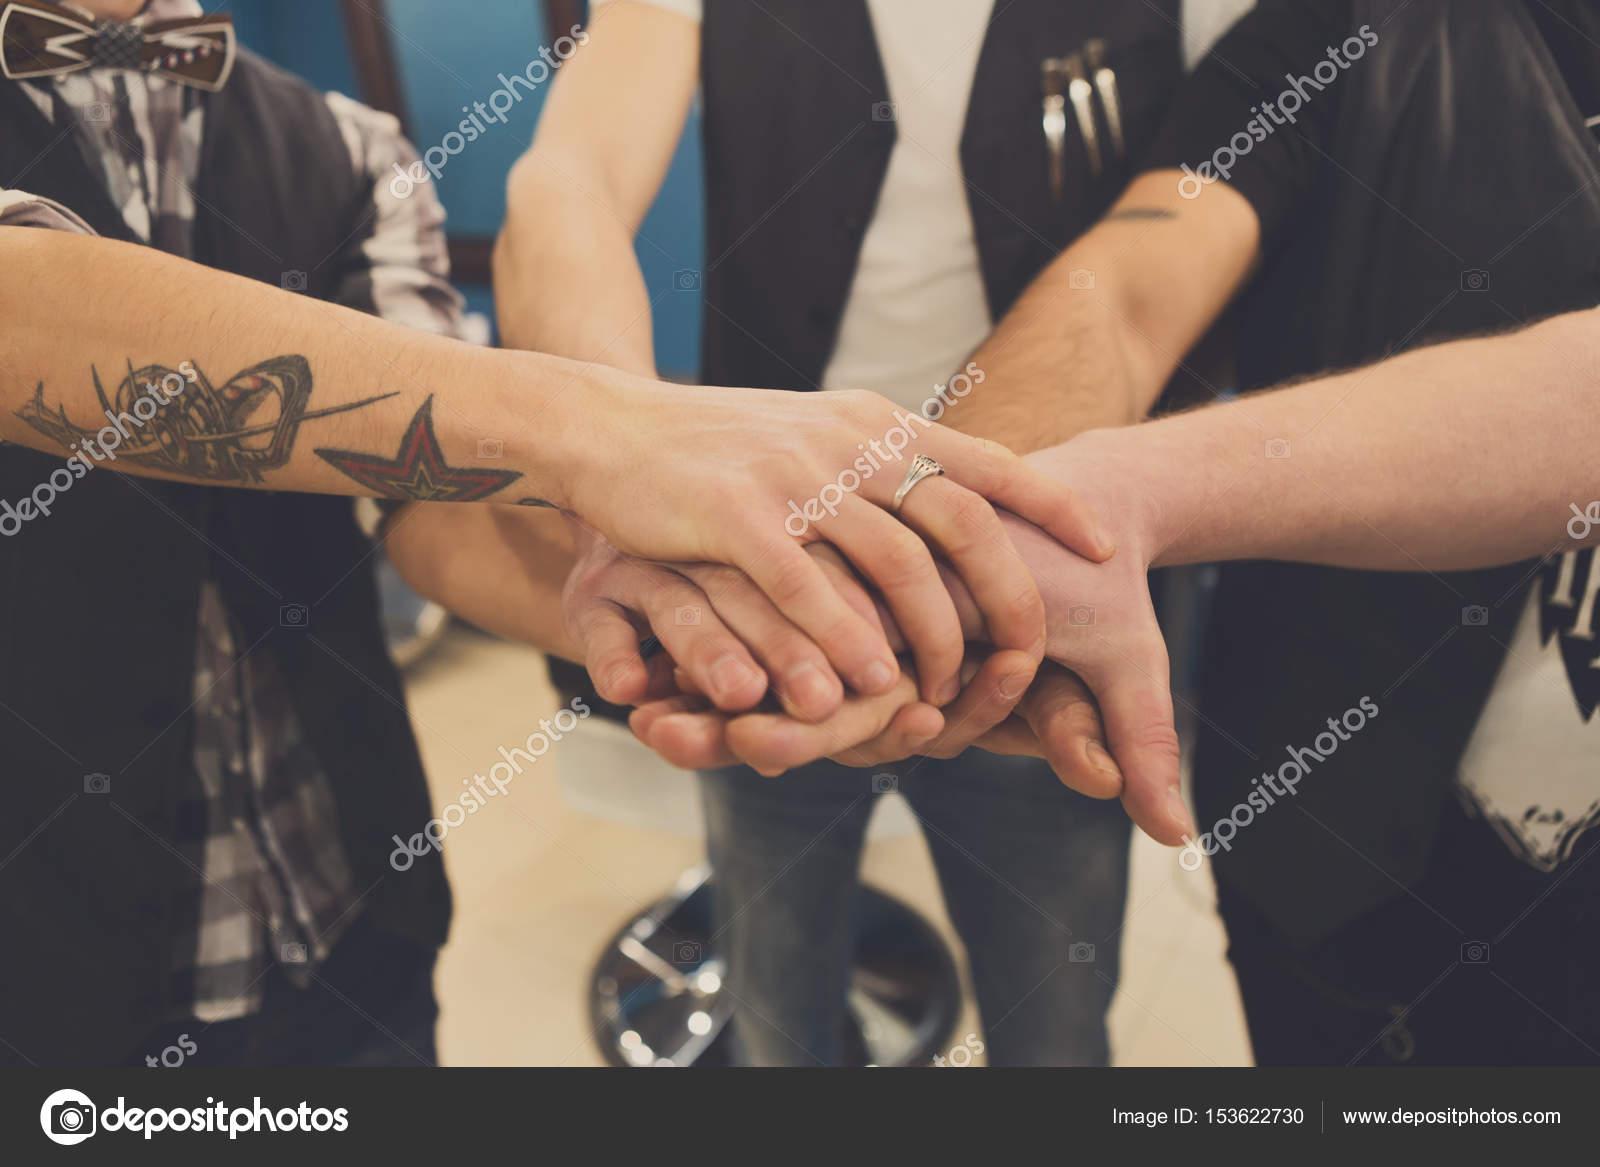 Imágenes Manos Unidas De Amistad Amistad De Los Hombres Manos